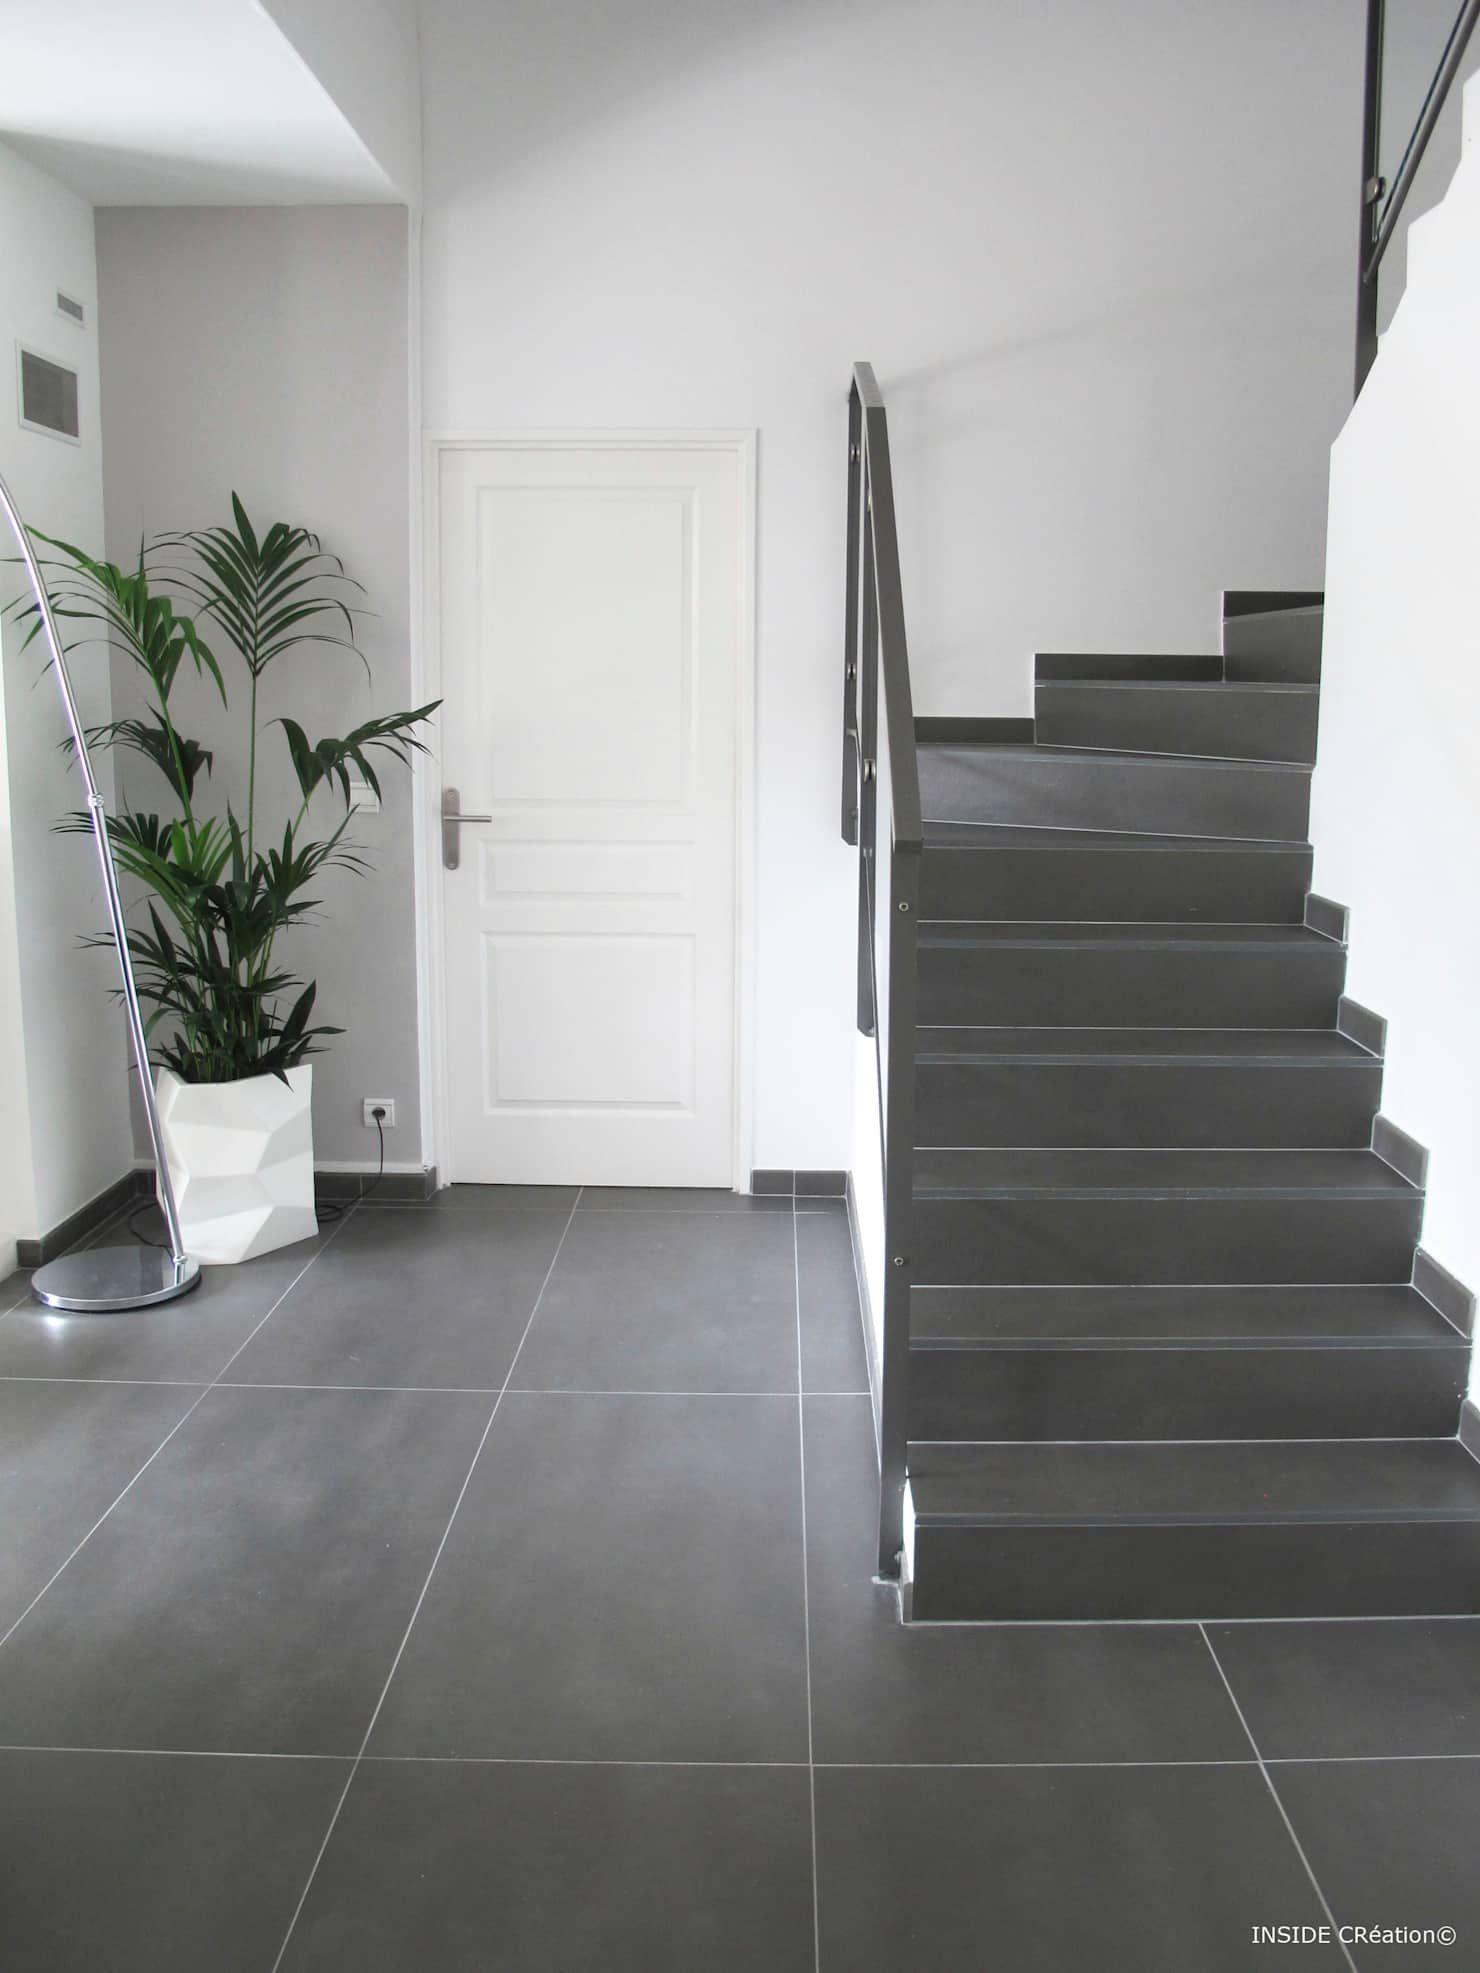 Carrelage Grand Format Inside Creation Salon Moderne Homify Decoration Maison Classique Decoration Maison Moderne Escalier Carrelage